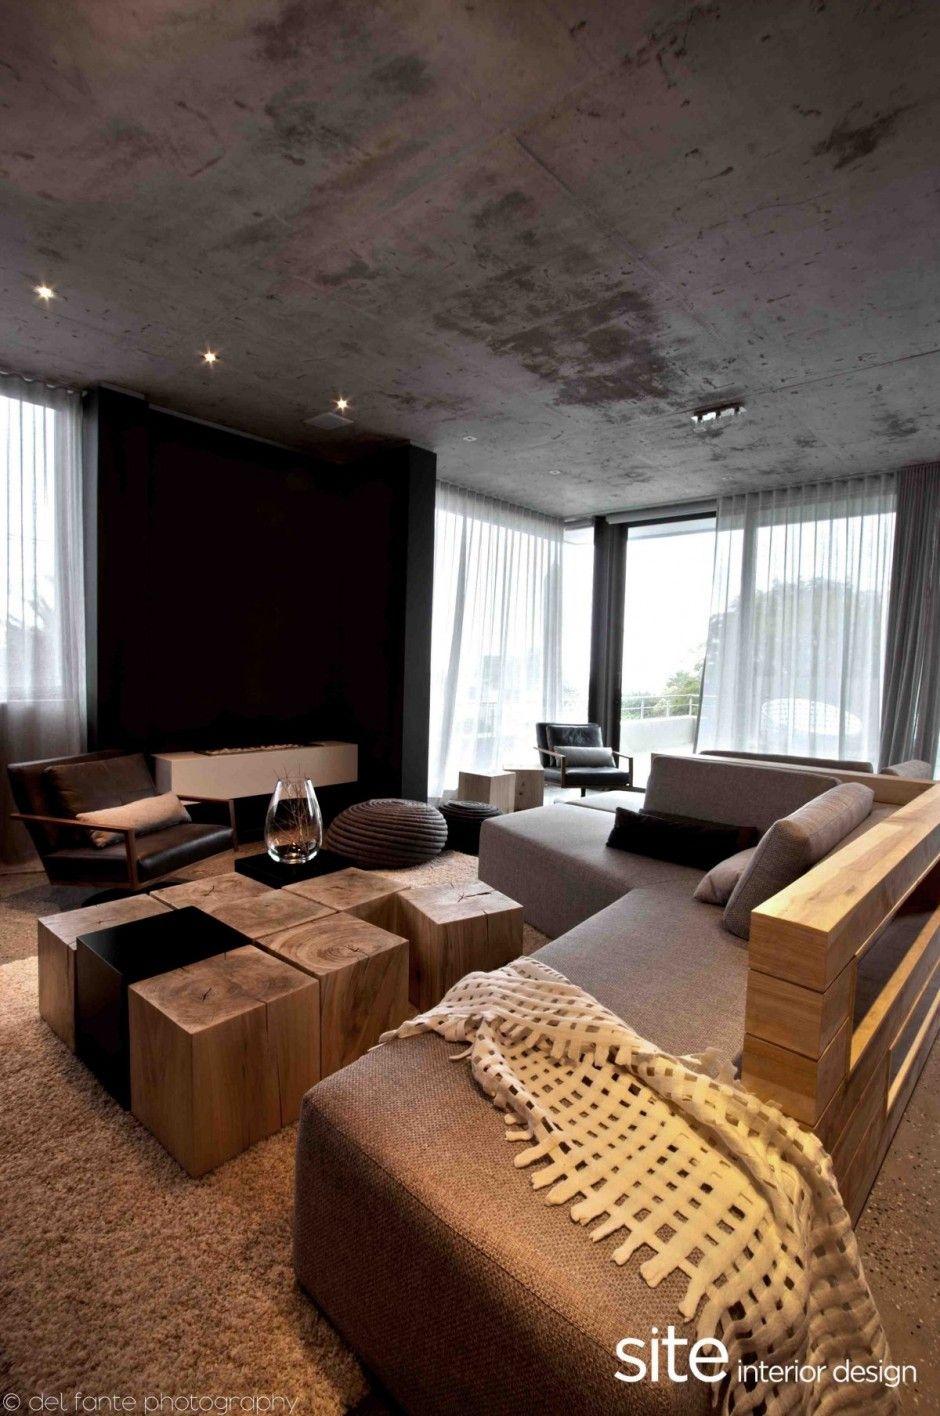 70 Moderne, Innovative Luxus Interieur Ideen Fürs Wohnzimmer   Ecksofa  Dekoration Modern Extravagant Idee